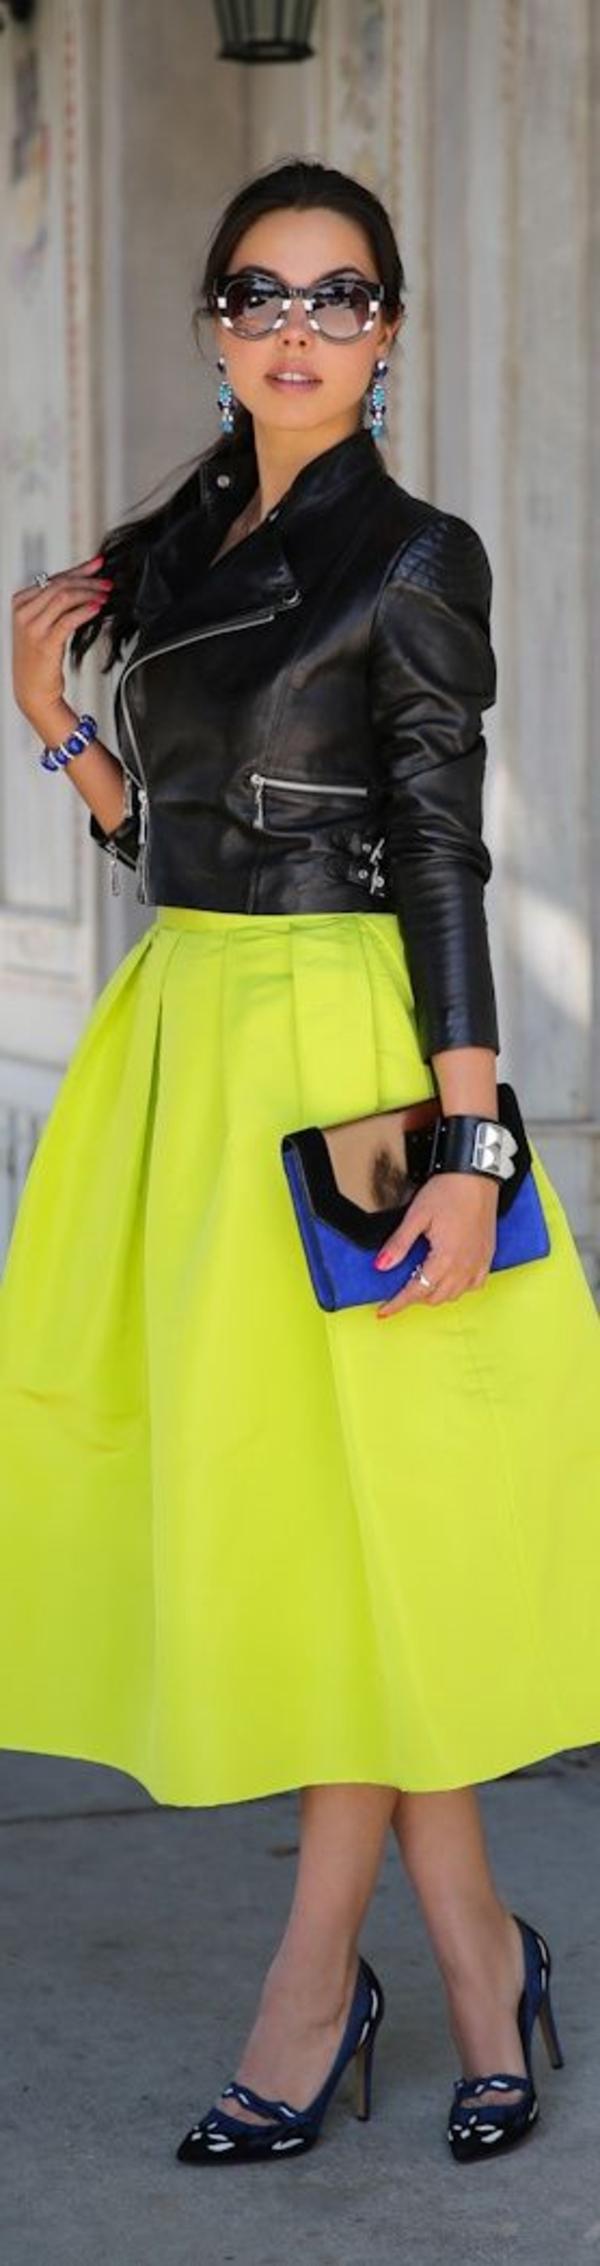 Tenue-de-jour-rock-s'habiller-bien-jupe-trapèze